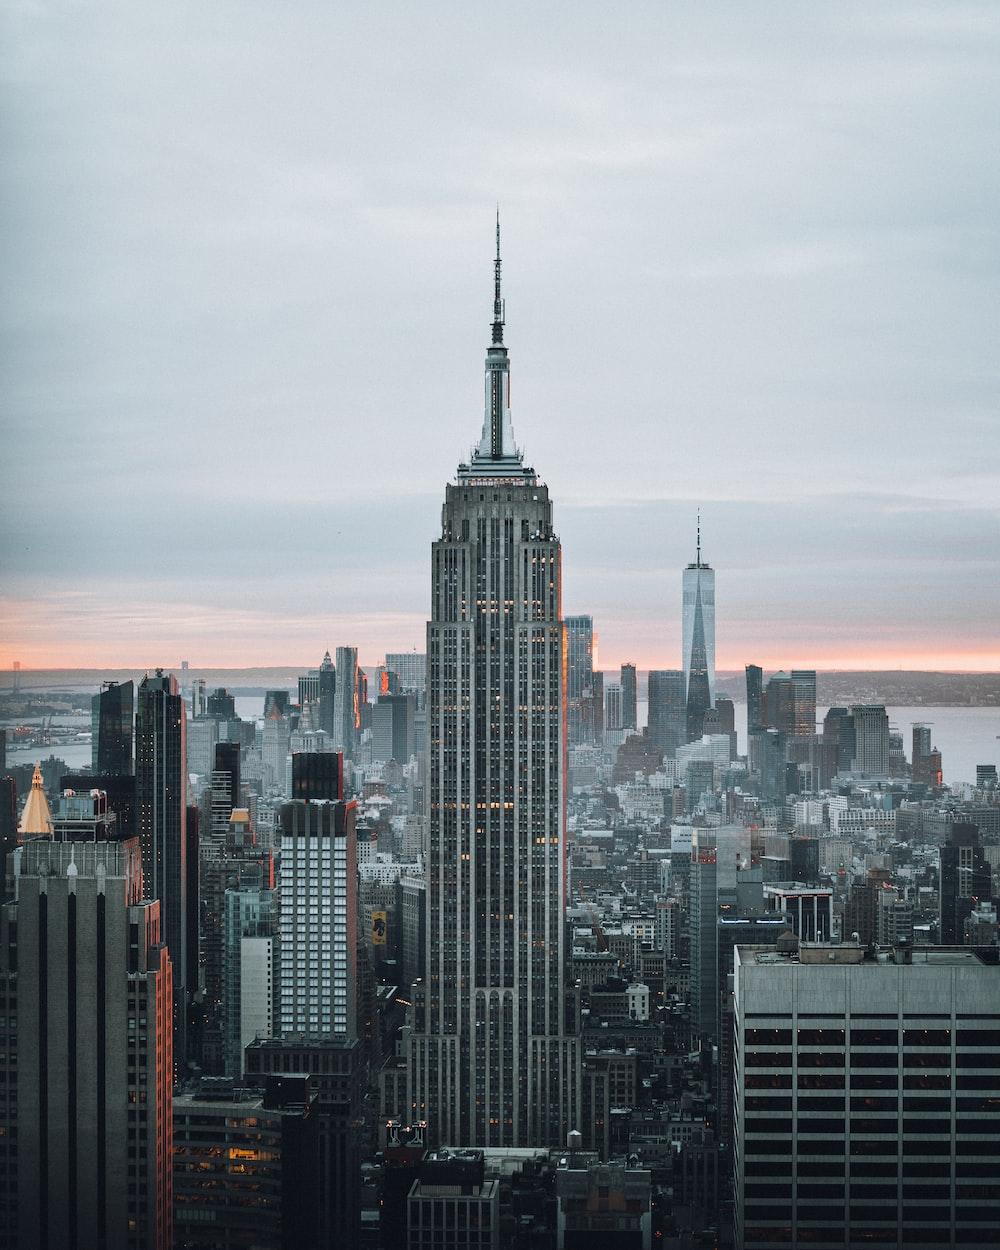 city skyline under orange sky